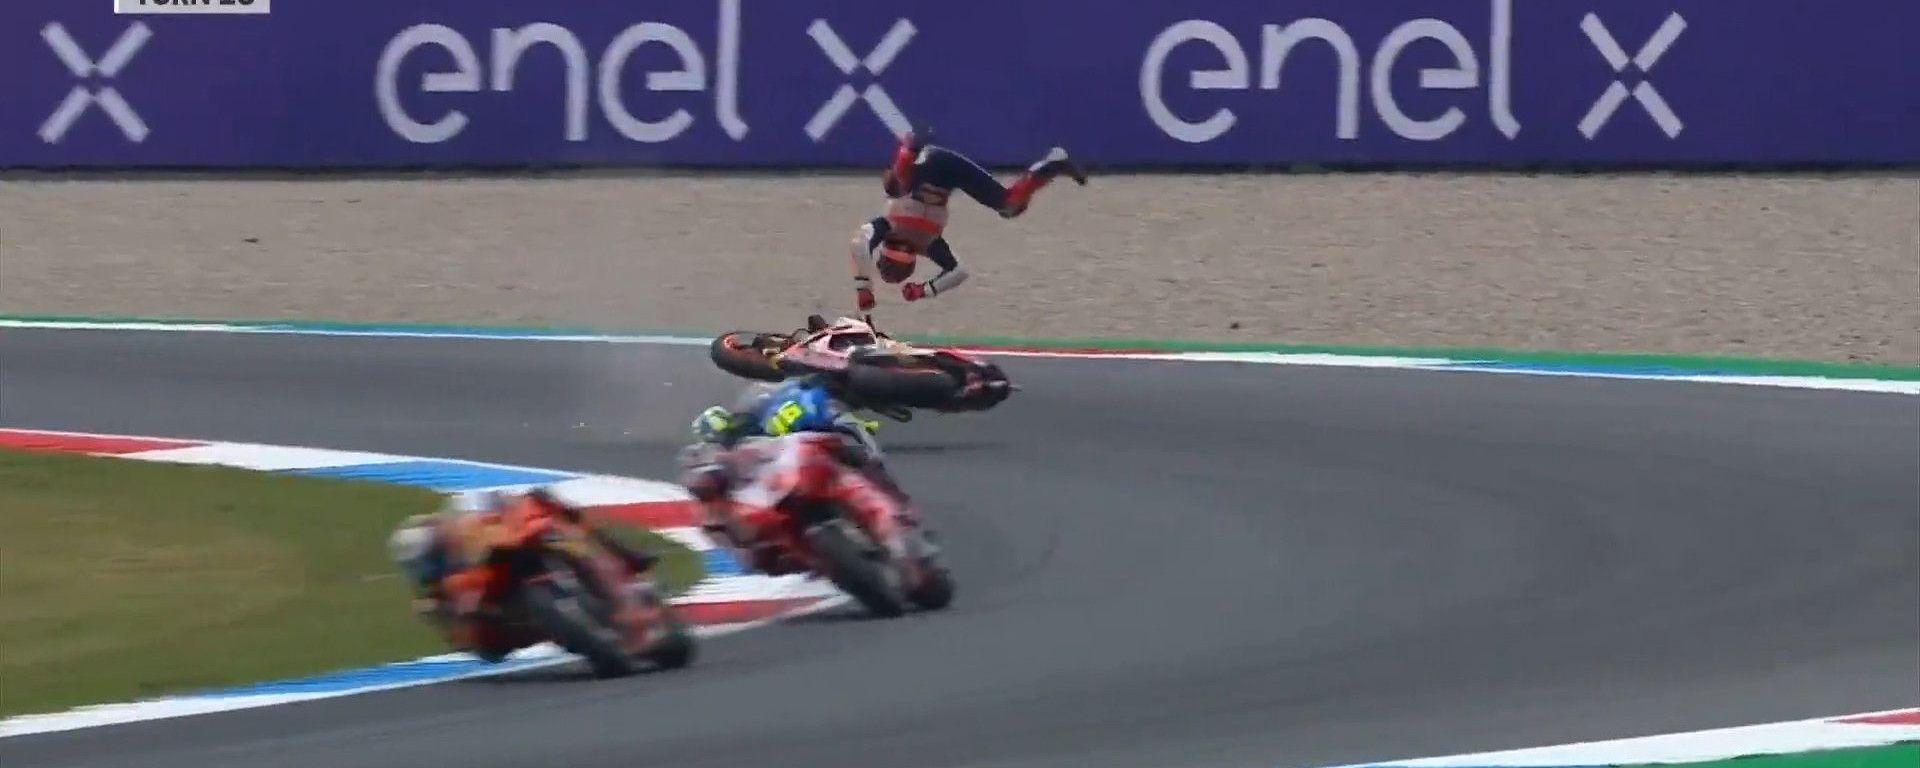 Marc Marquez (Honda), incidente nelle FP2 del GP Olanda 2021 ad Assen